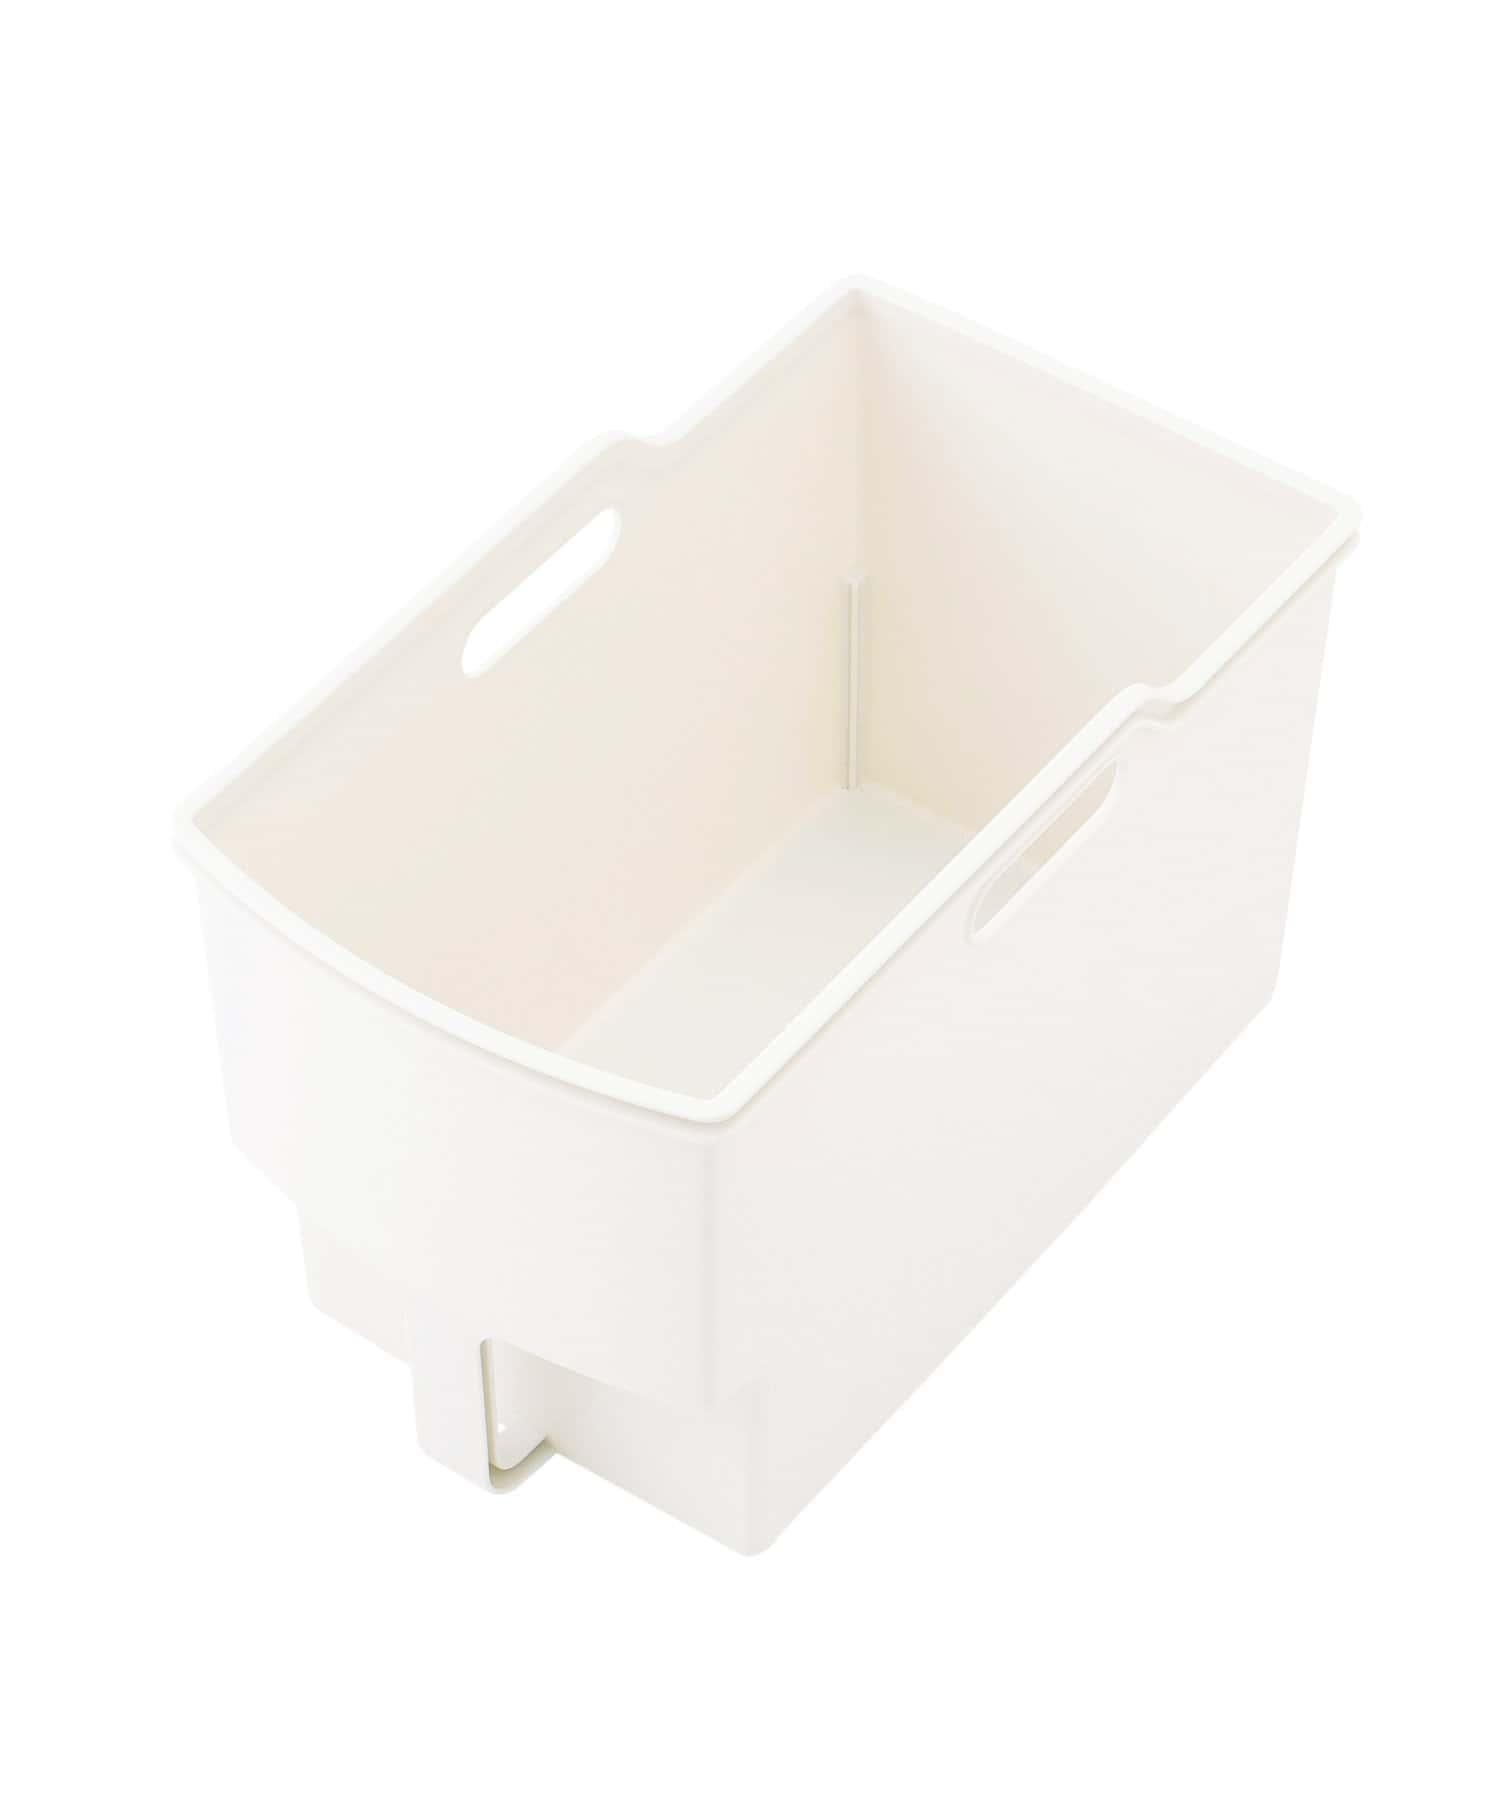 3COINS(スリーコインズ) 【時短もかなえてラクチン便利】吊り戸棚ボックス